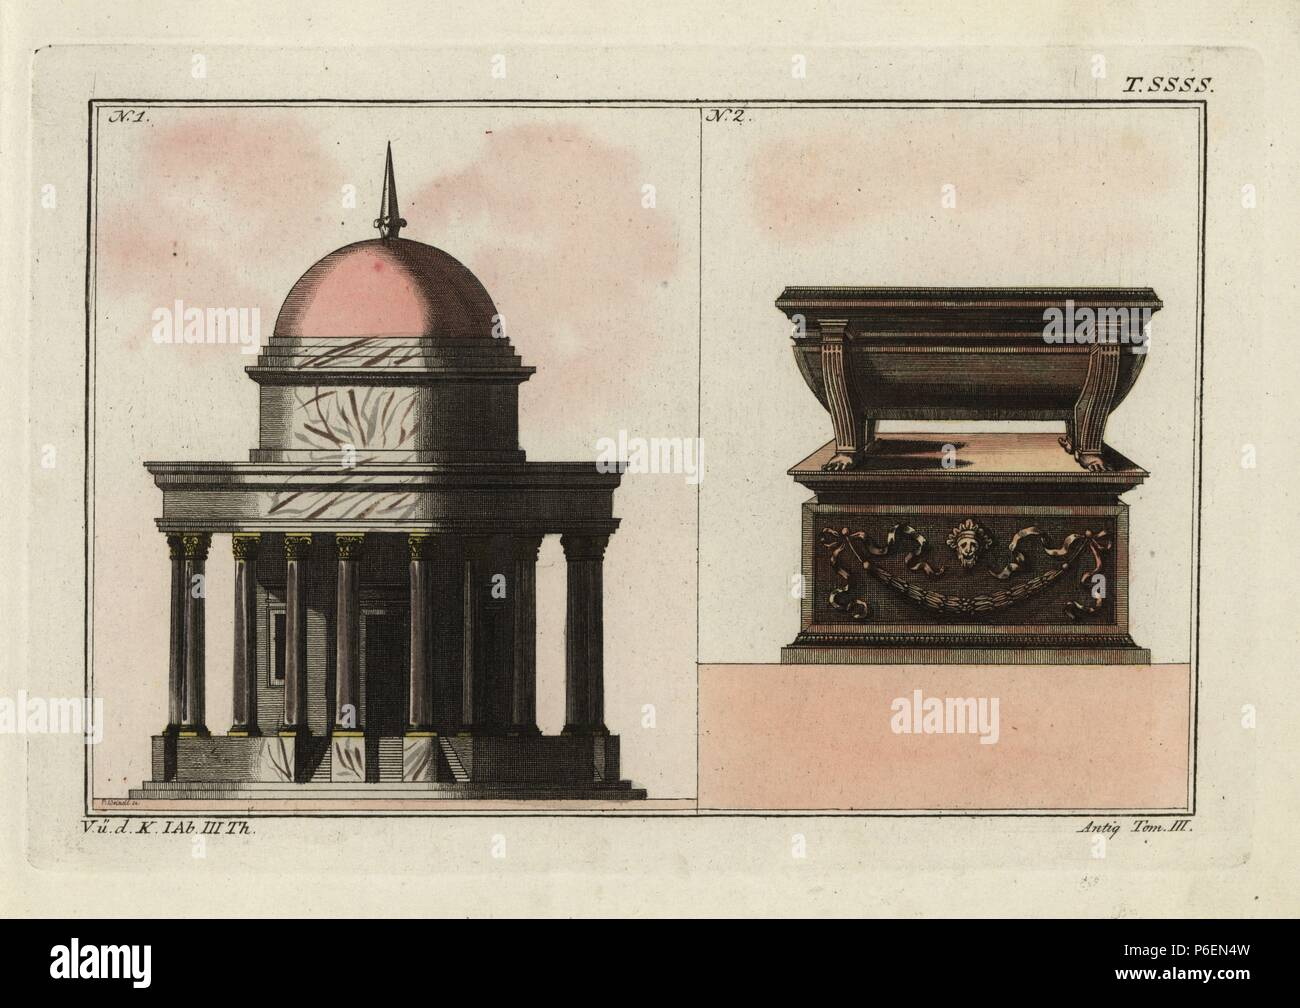 Tempio romano con la dome e colonne e bagno romano su un plinto